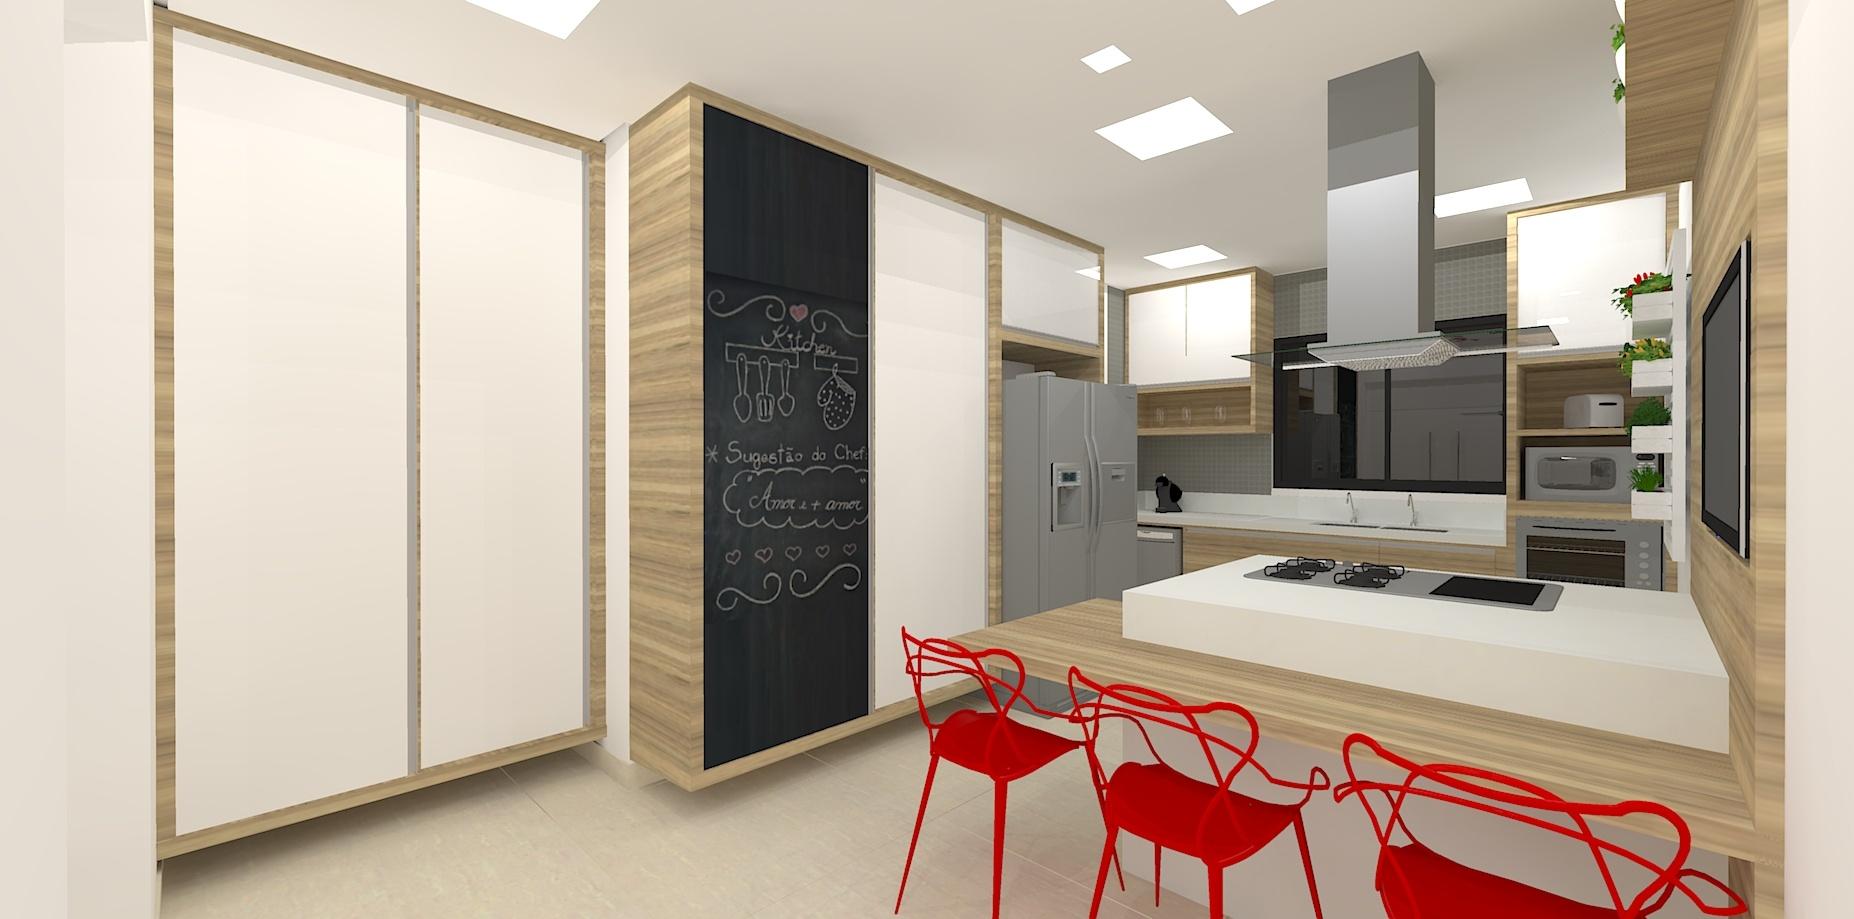 3D/Cozinha - Saúde